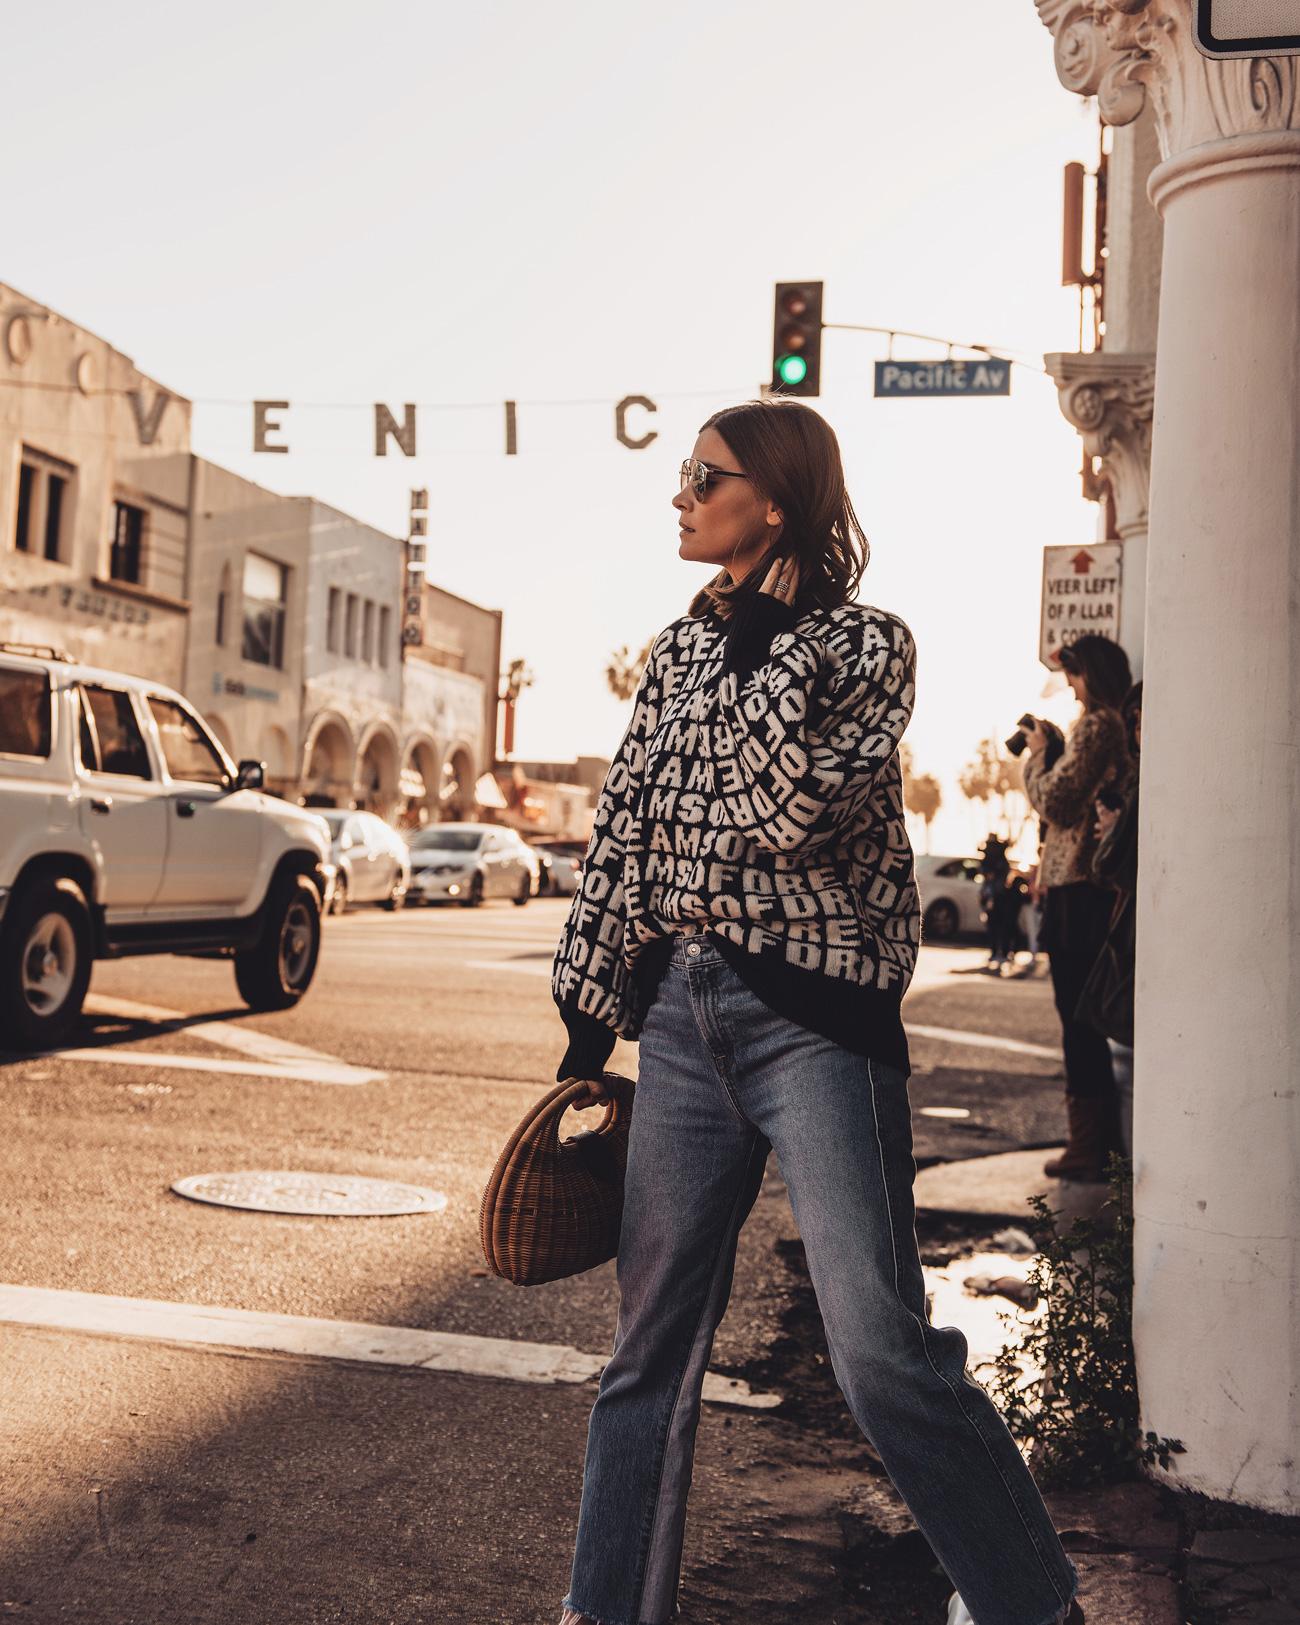 Los-Angeles-reise-tipps-sehenswürdigkeiten-aktivitäten-blogger-travel-guide-sightseeing-fashiioncarpet-nina-schwichtenberg